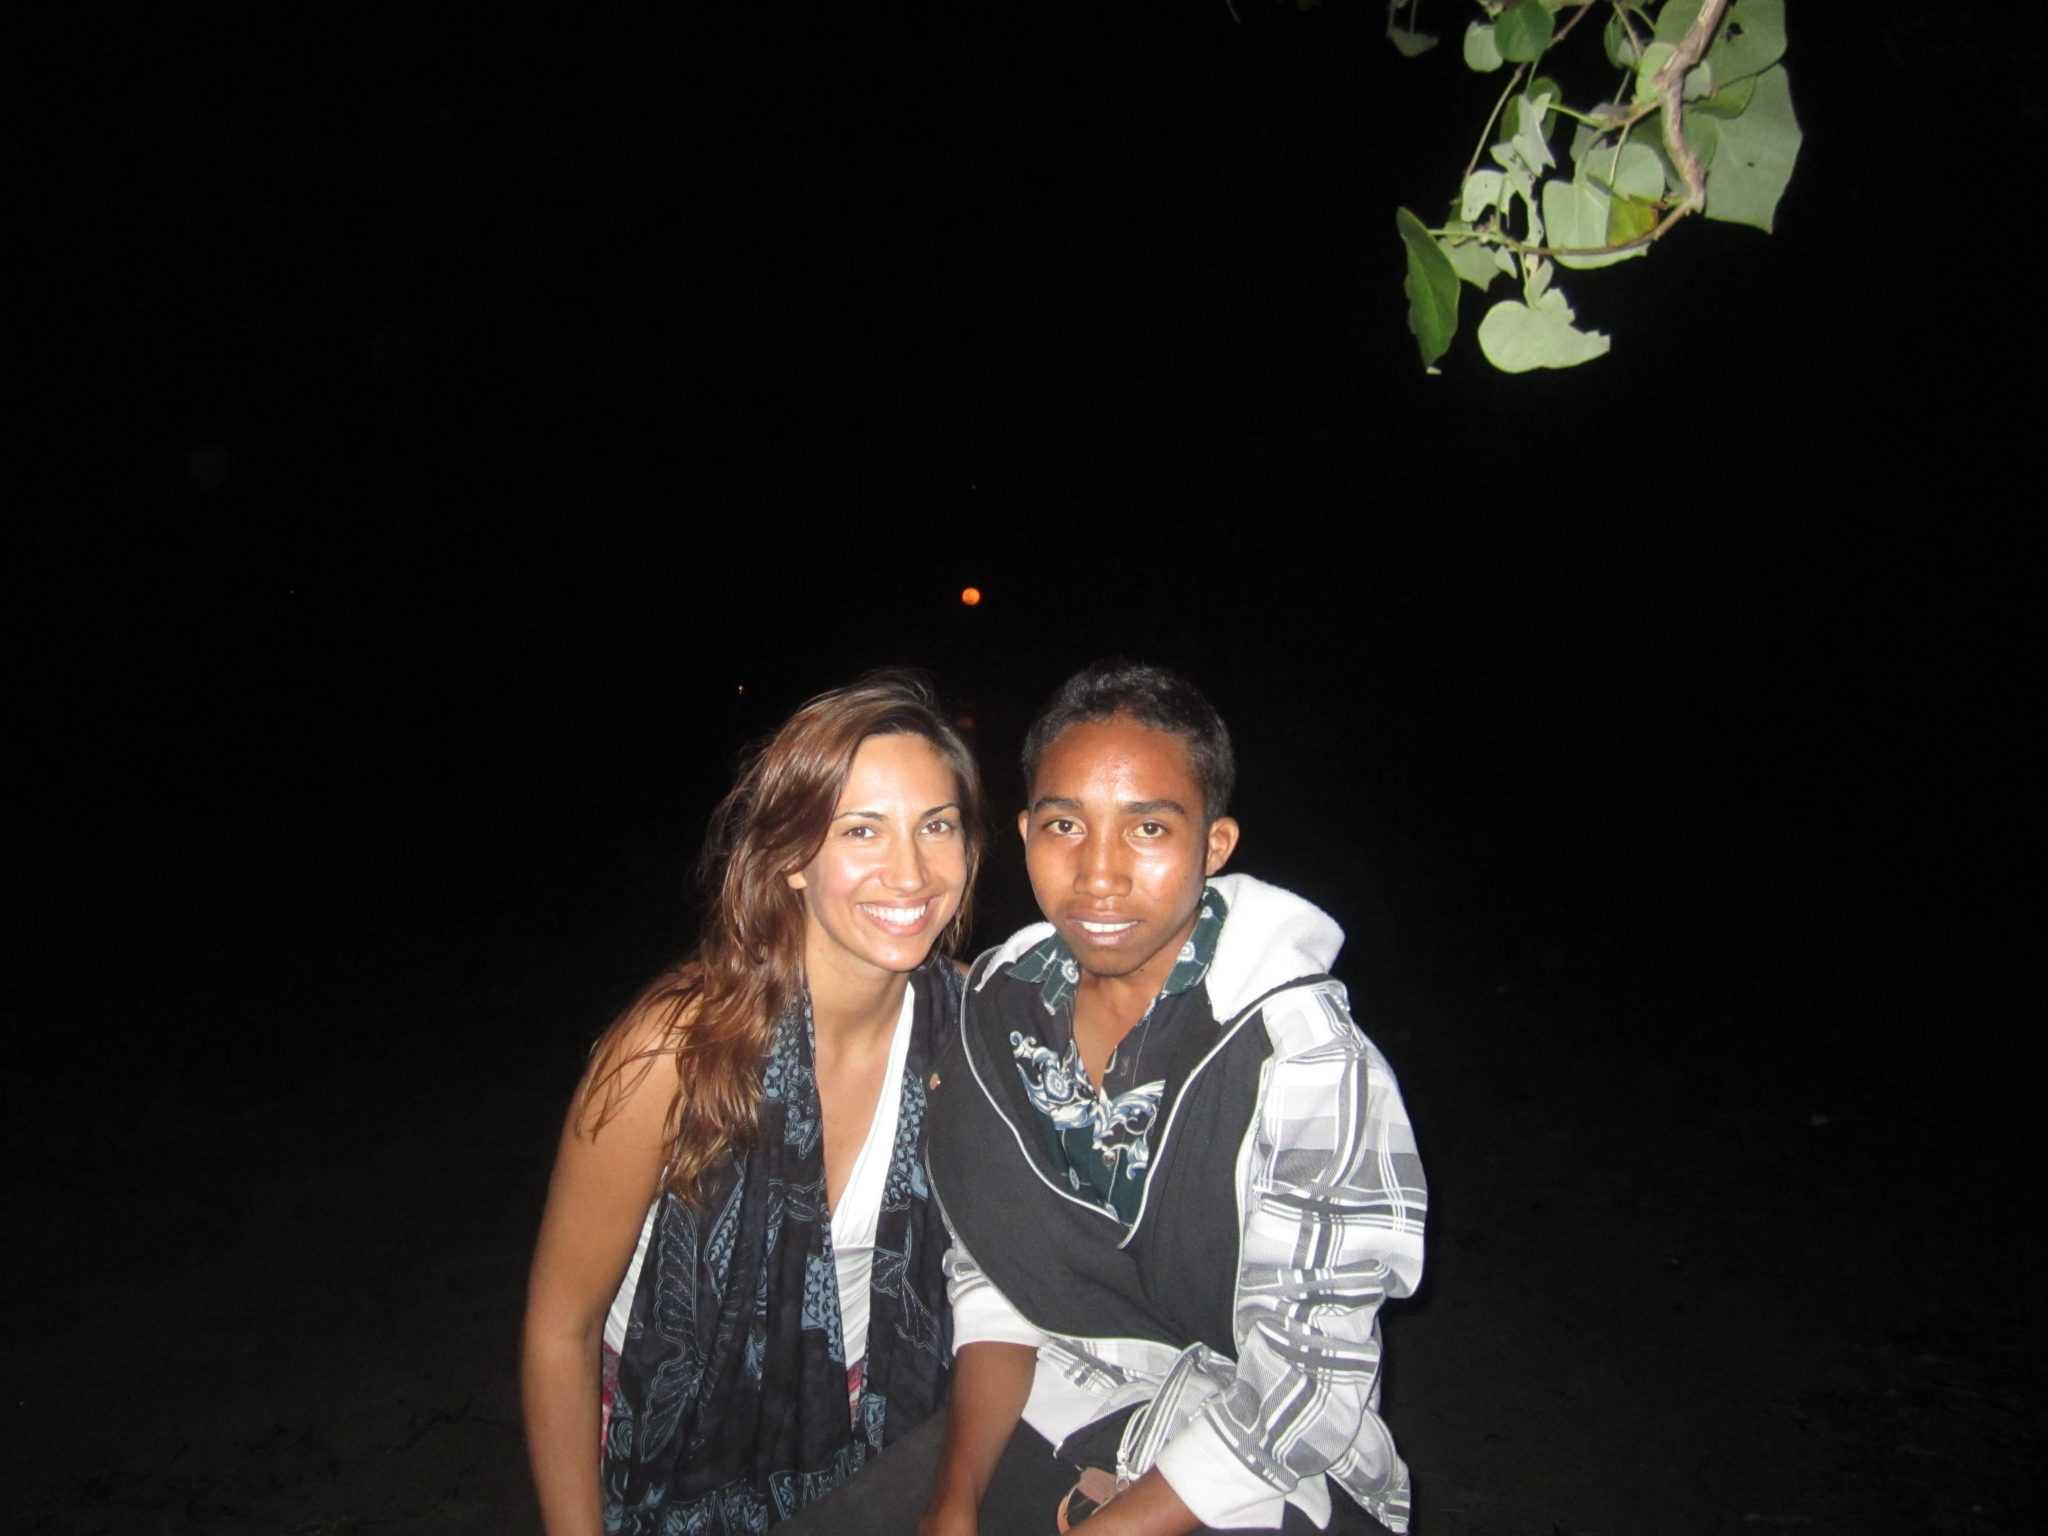 Em Ata£ro, com um timorense, Fernando de Ara£joIMG_1400